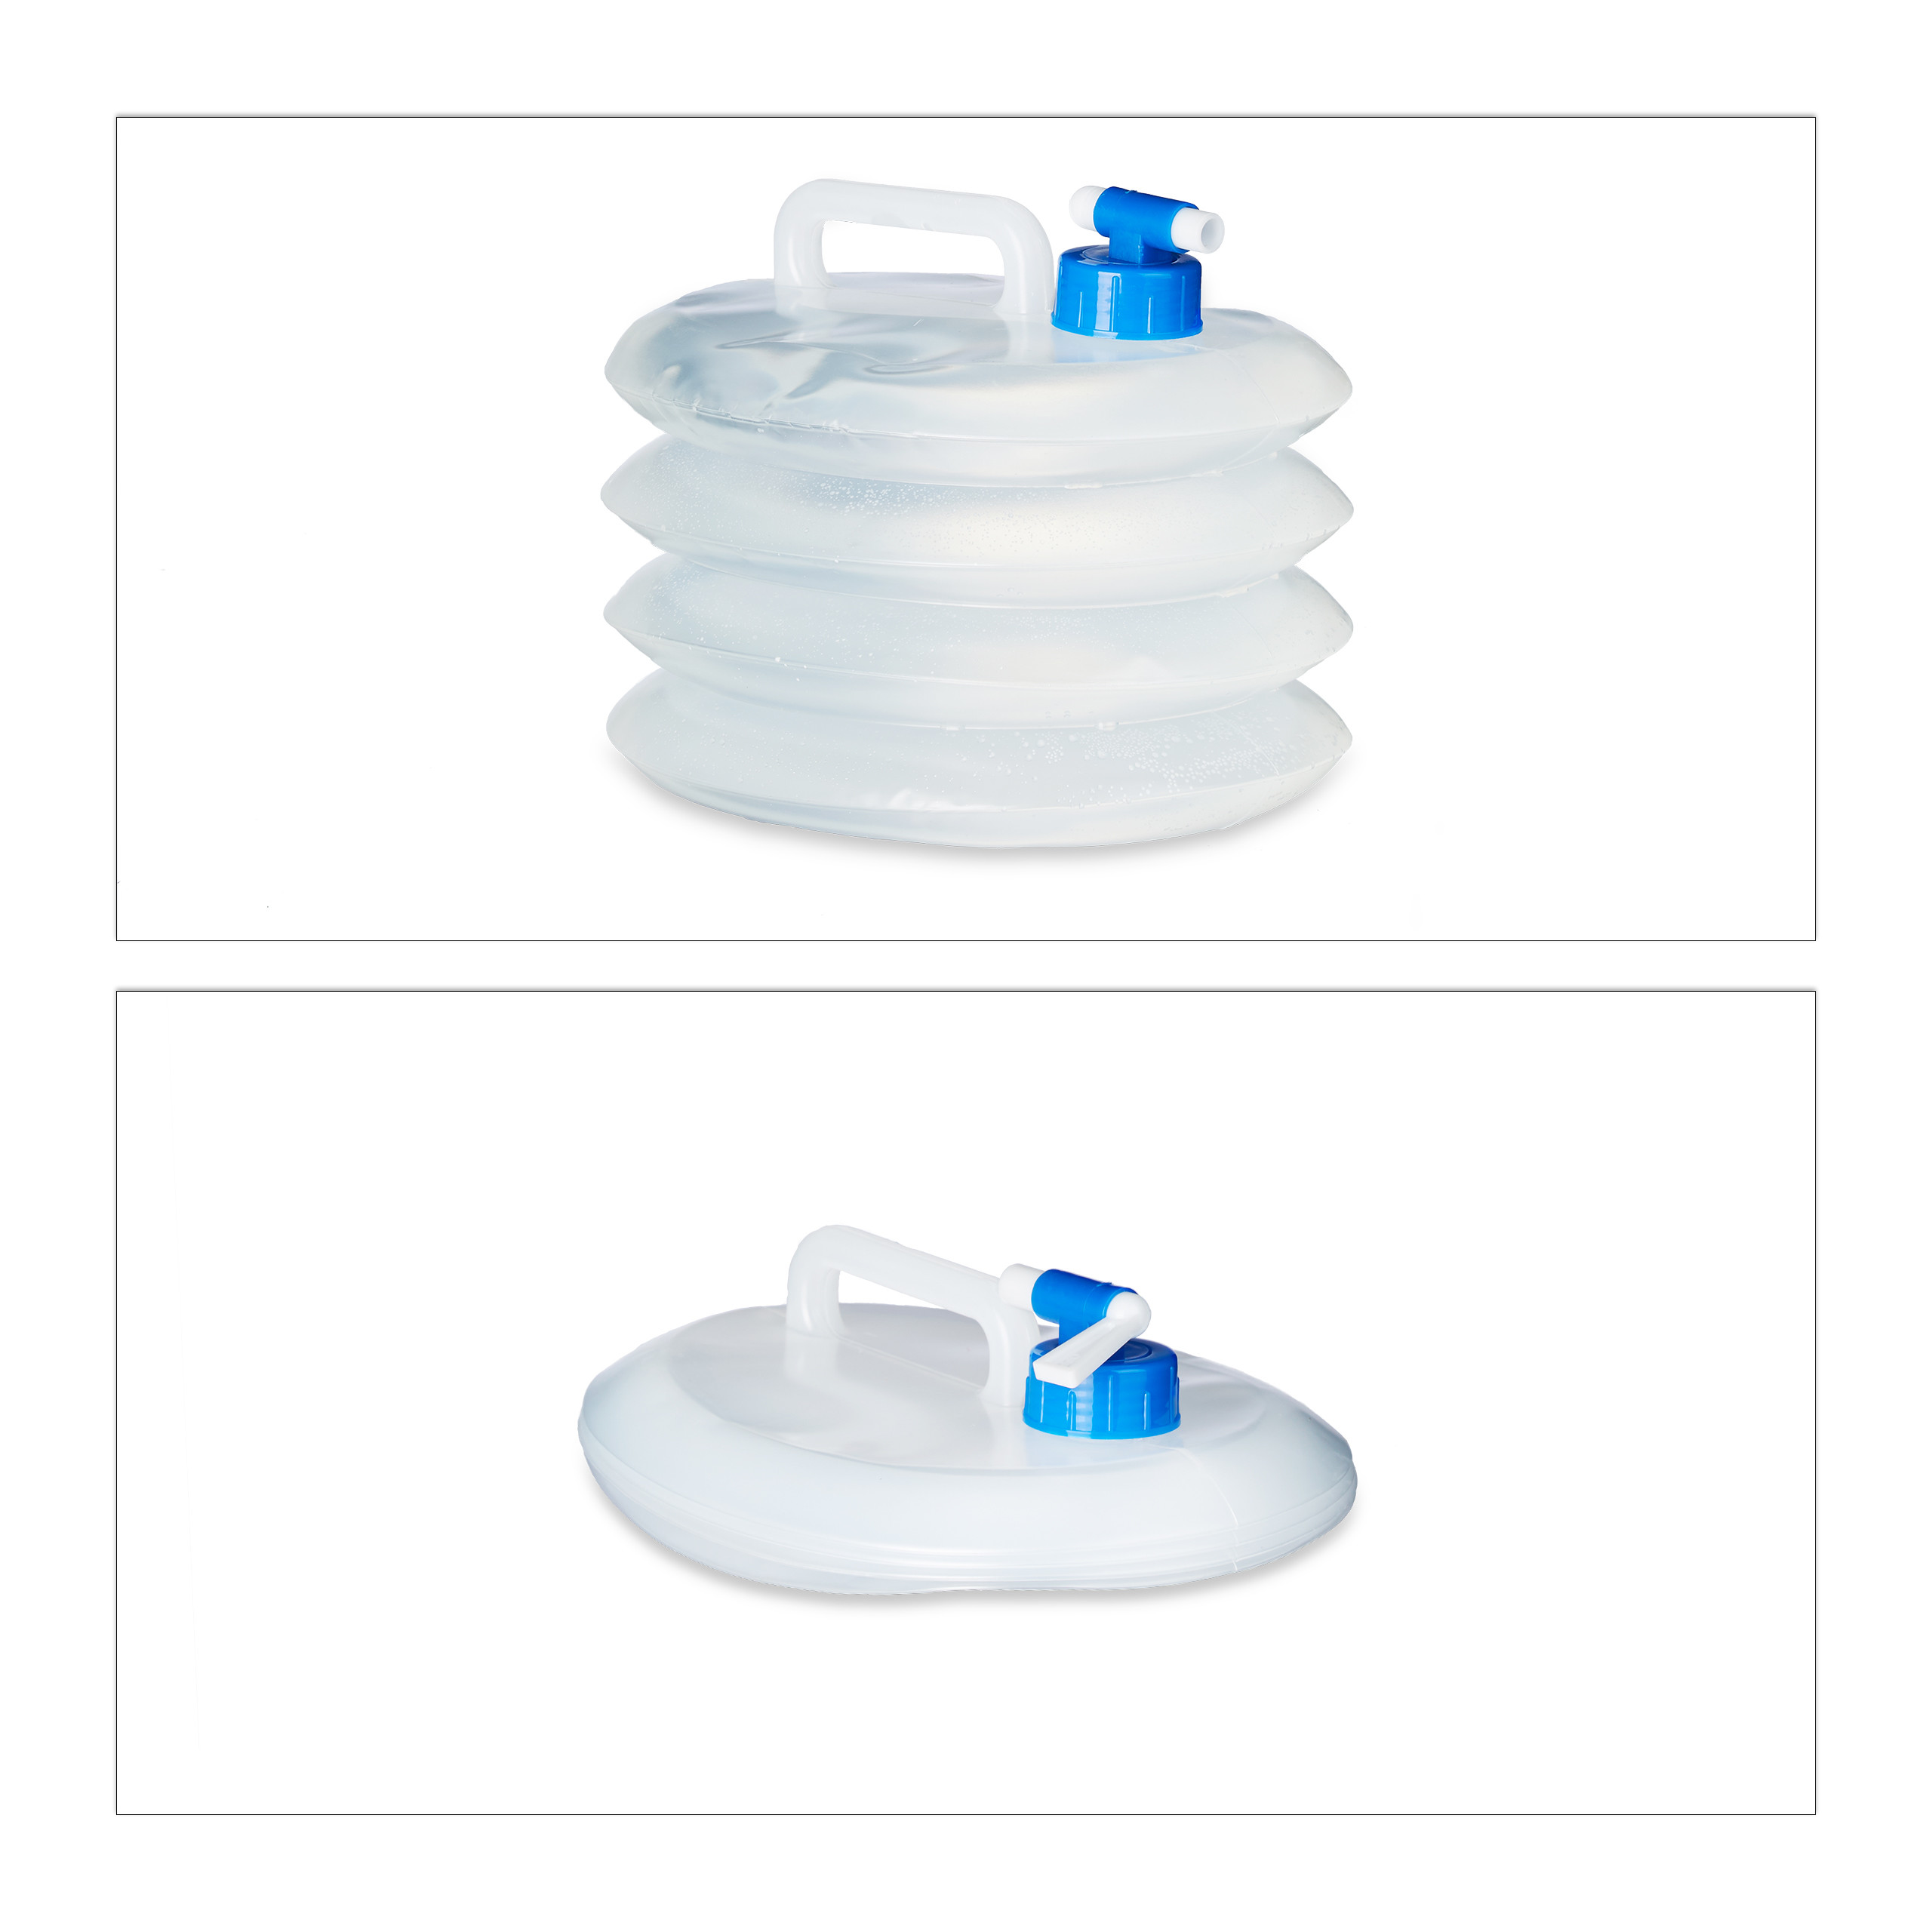 Indexbild 10 - Wasserkanister faltbar 4er Set Faltkanister Camping Trinkwasserkanister BPA frei